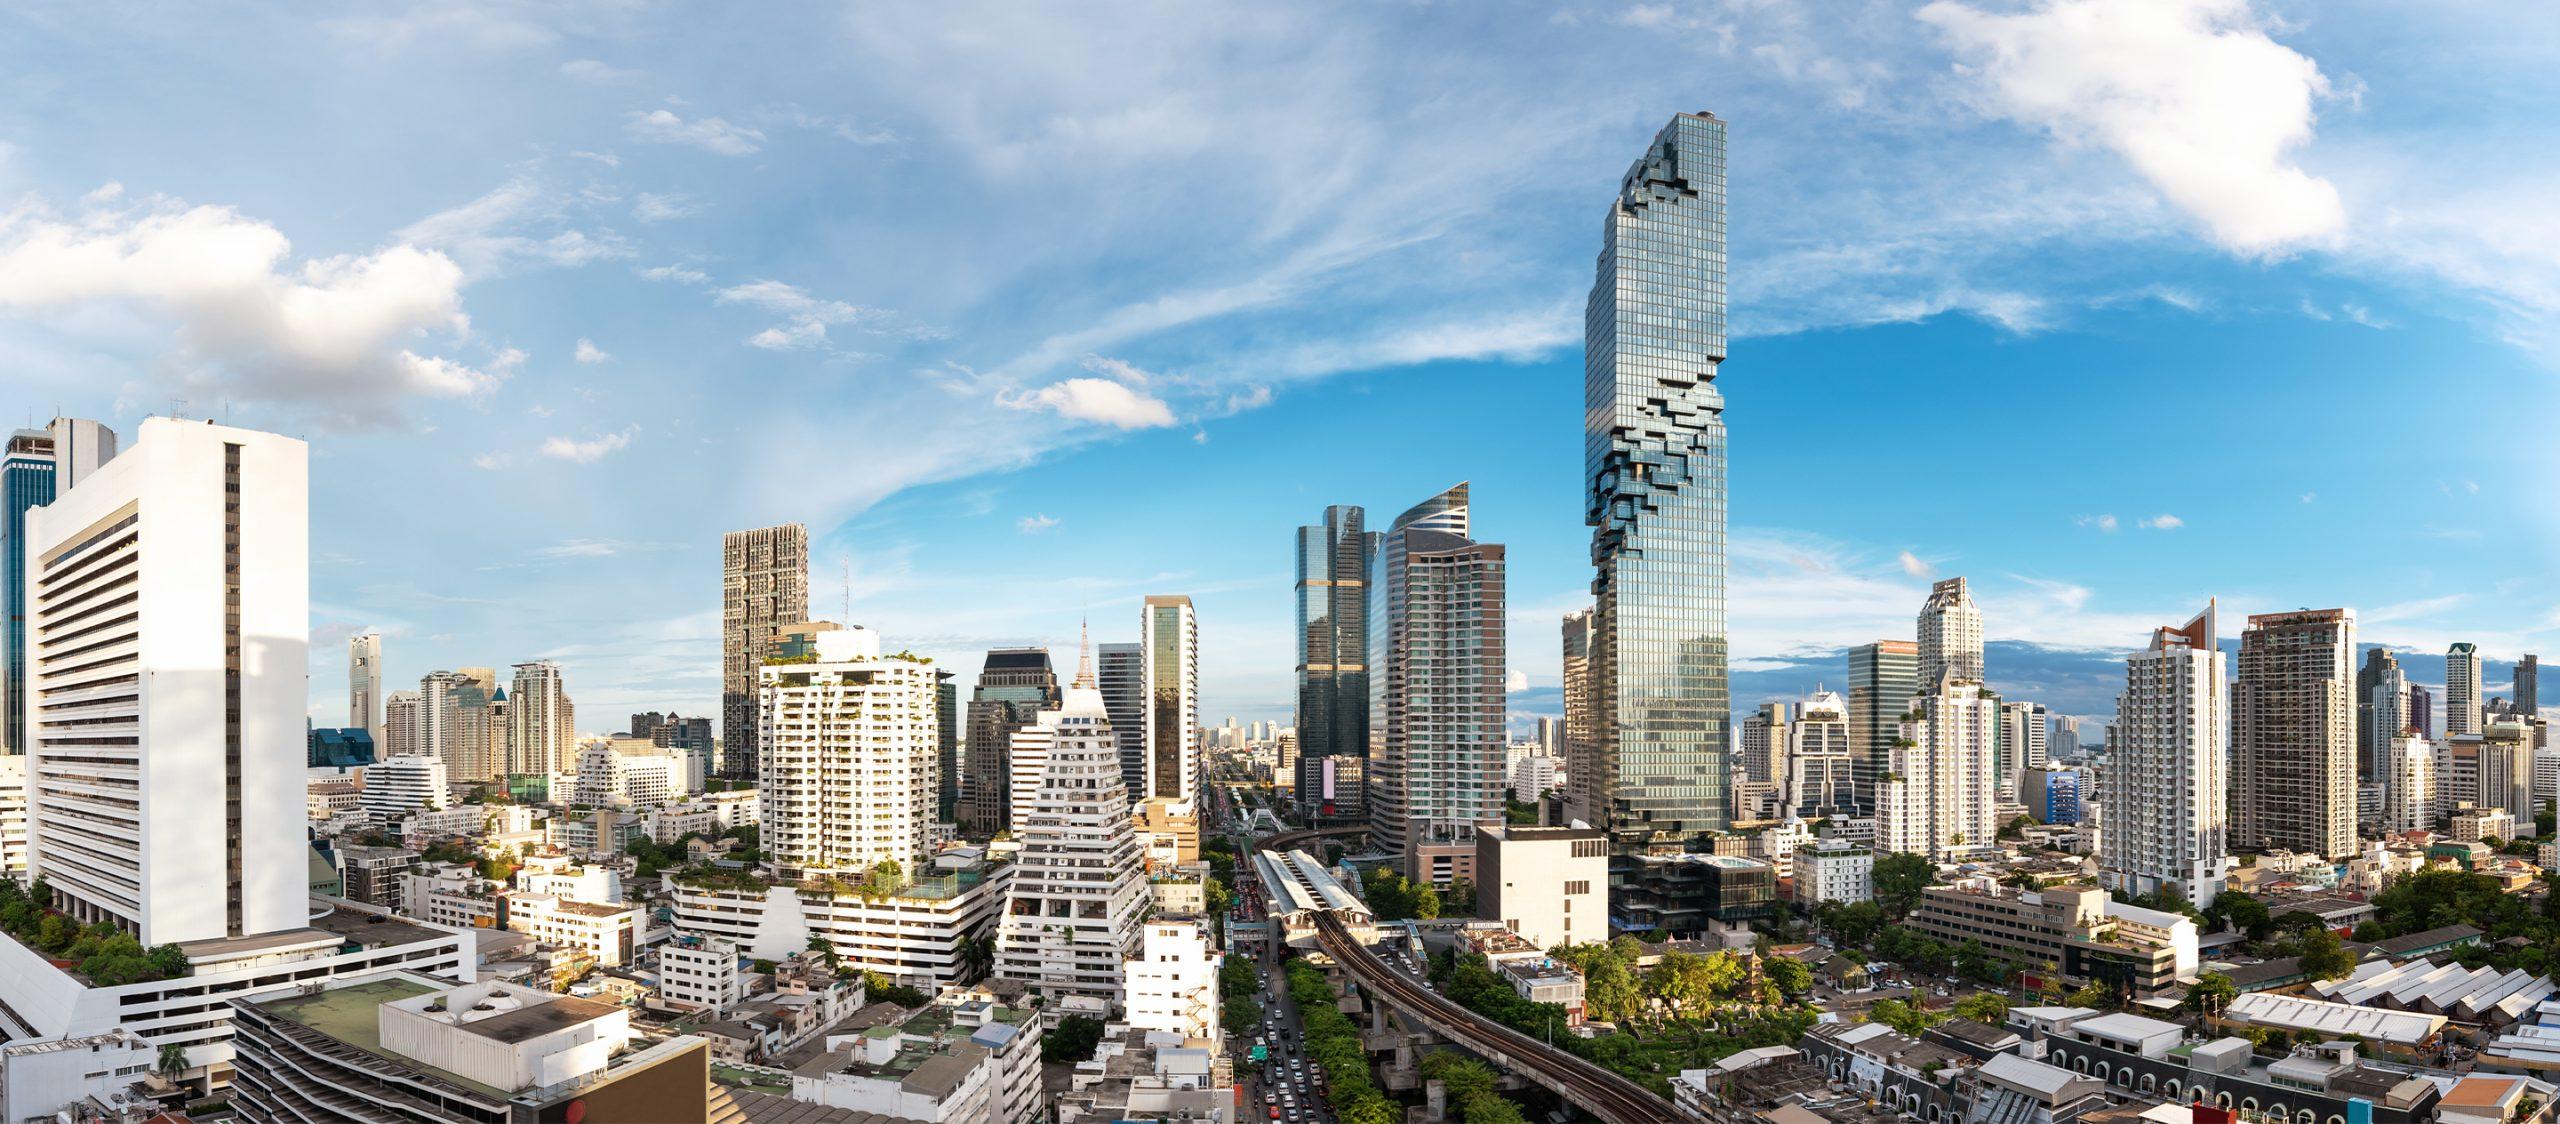 Public Life in Bangkok โอกาสการพัฒนาพื้นที่สาธารณะที่ไม่ล็อกดาวน์ไปพร้อมกับเมือง